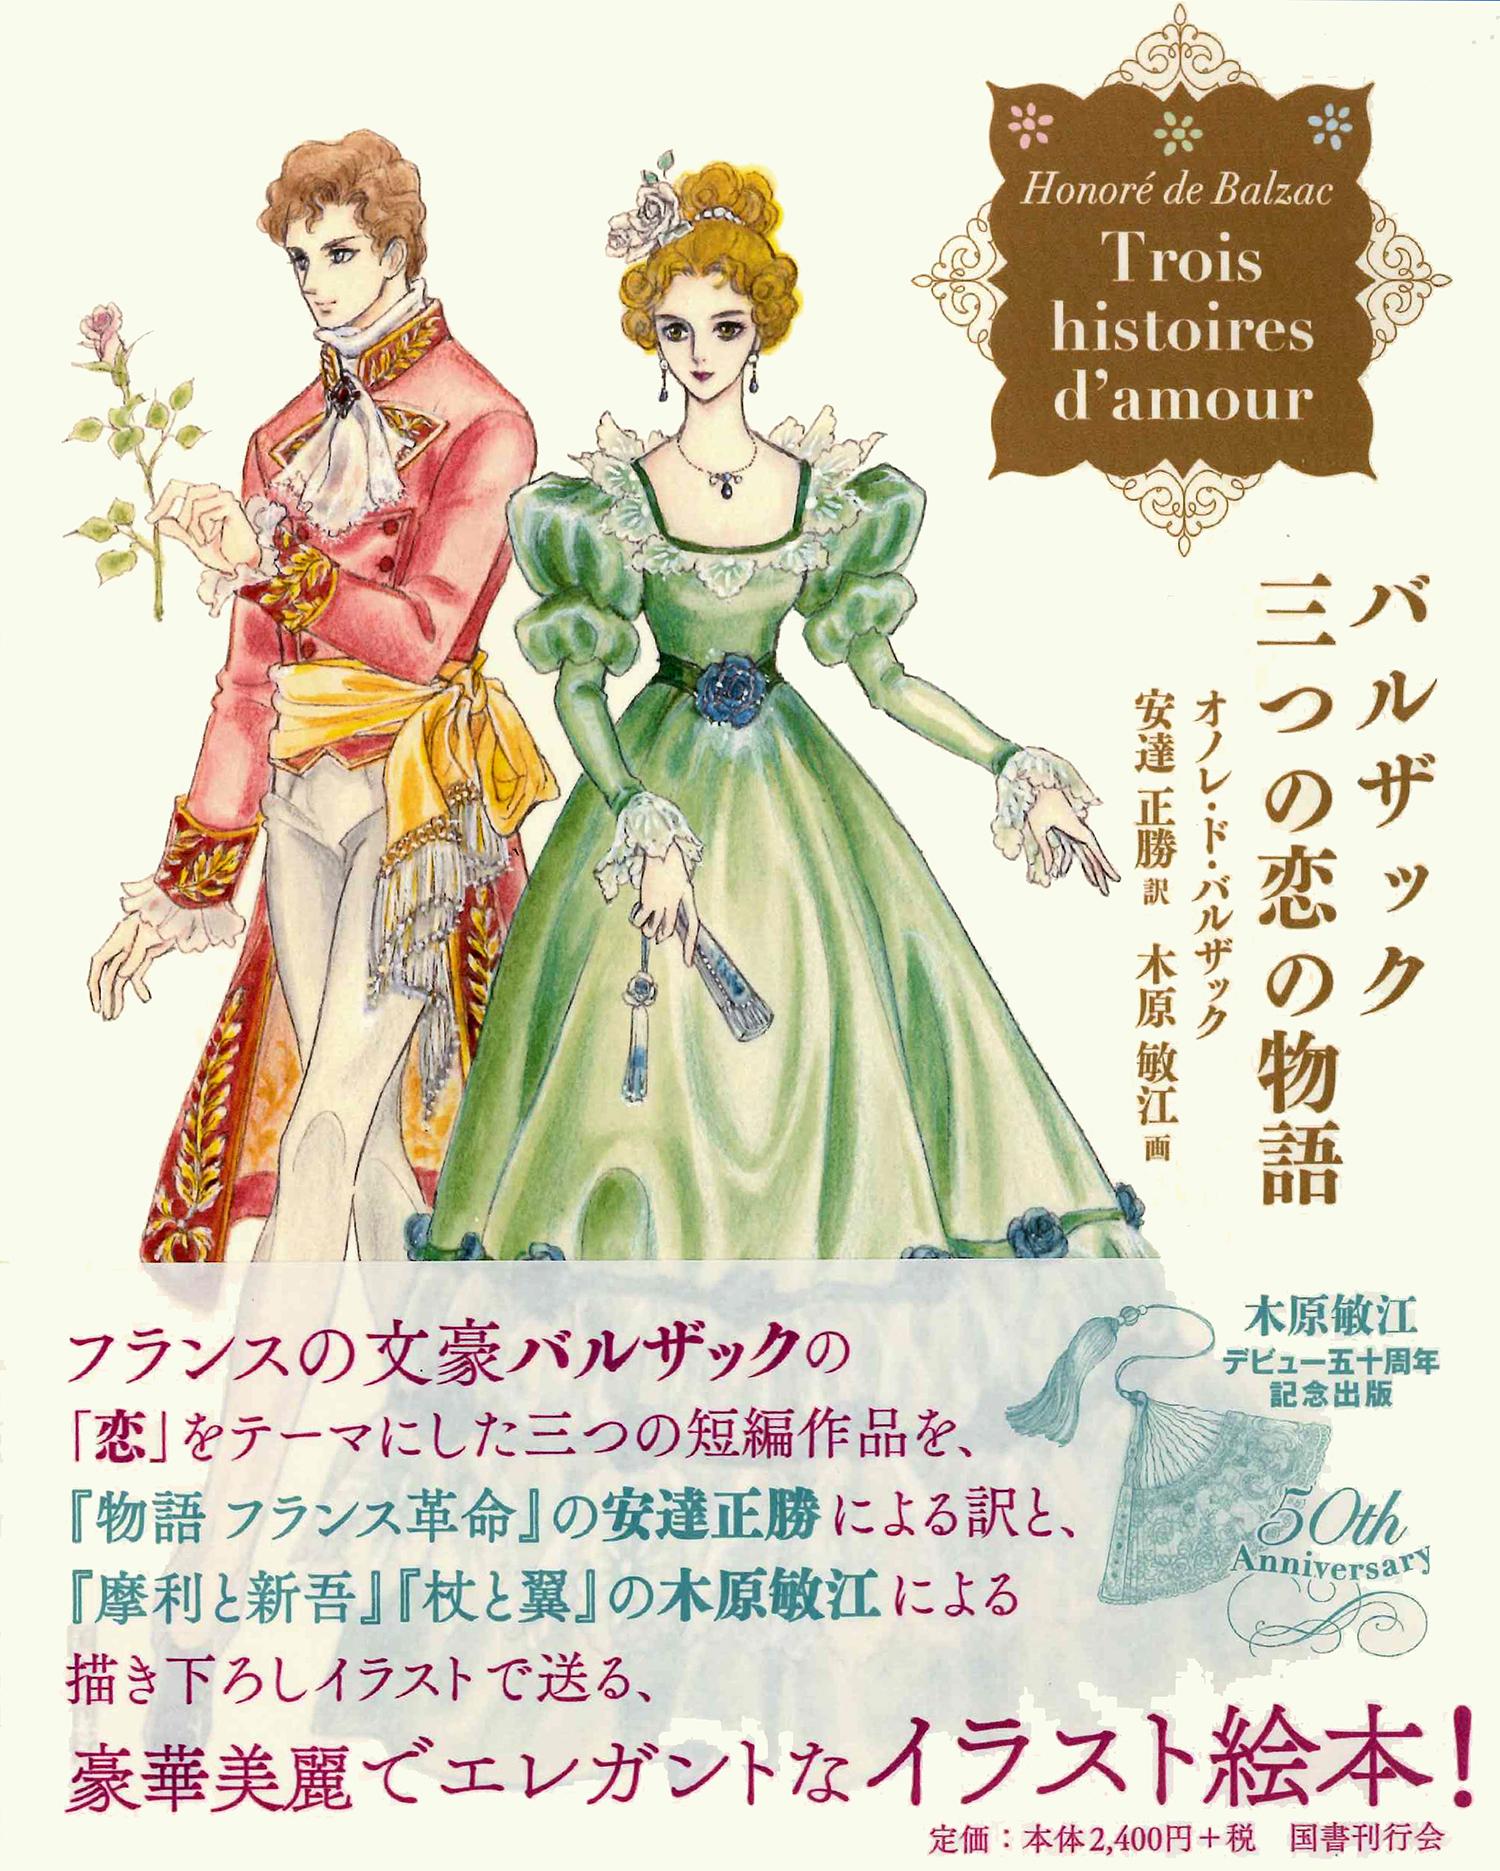 『バルザック 三つの恋の物語』表紙